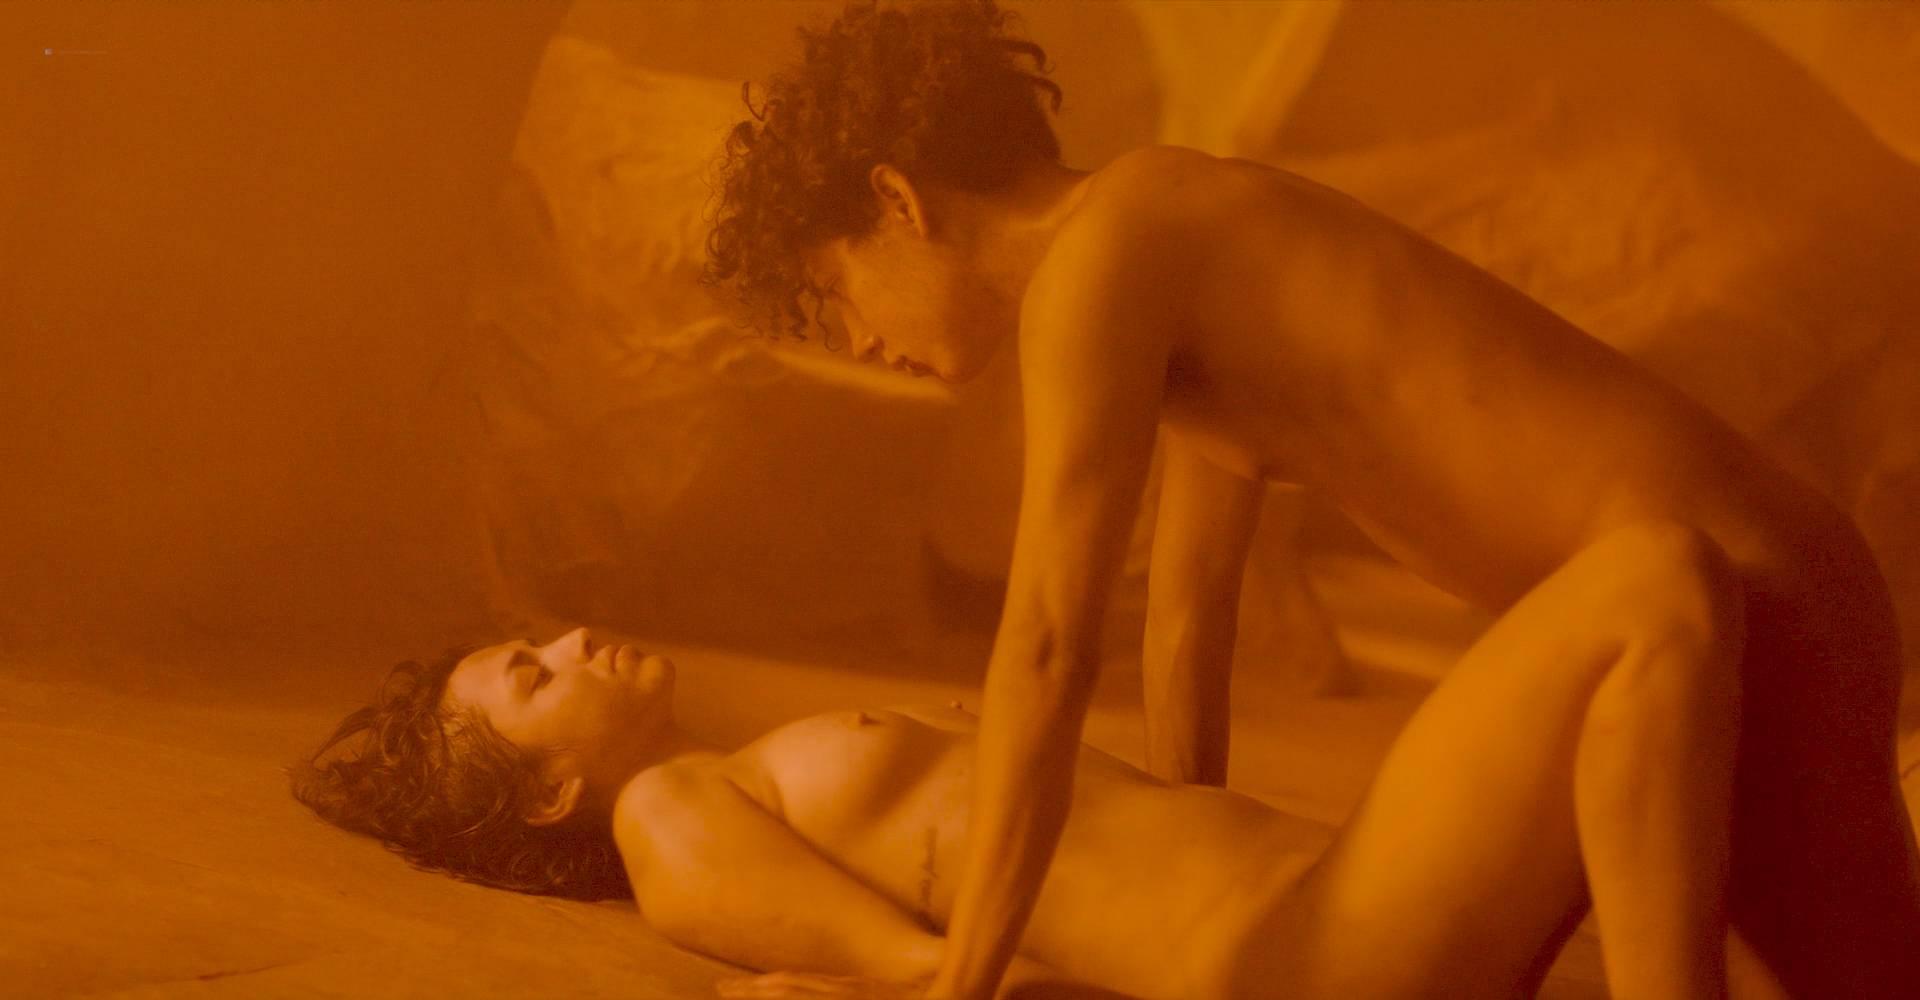 María Evoli nude explicit bj, piss and María Cid nude sex - Tenemos La Carne (MX-2016) HD 1080p BluRay (9)